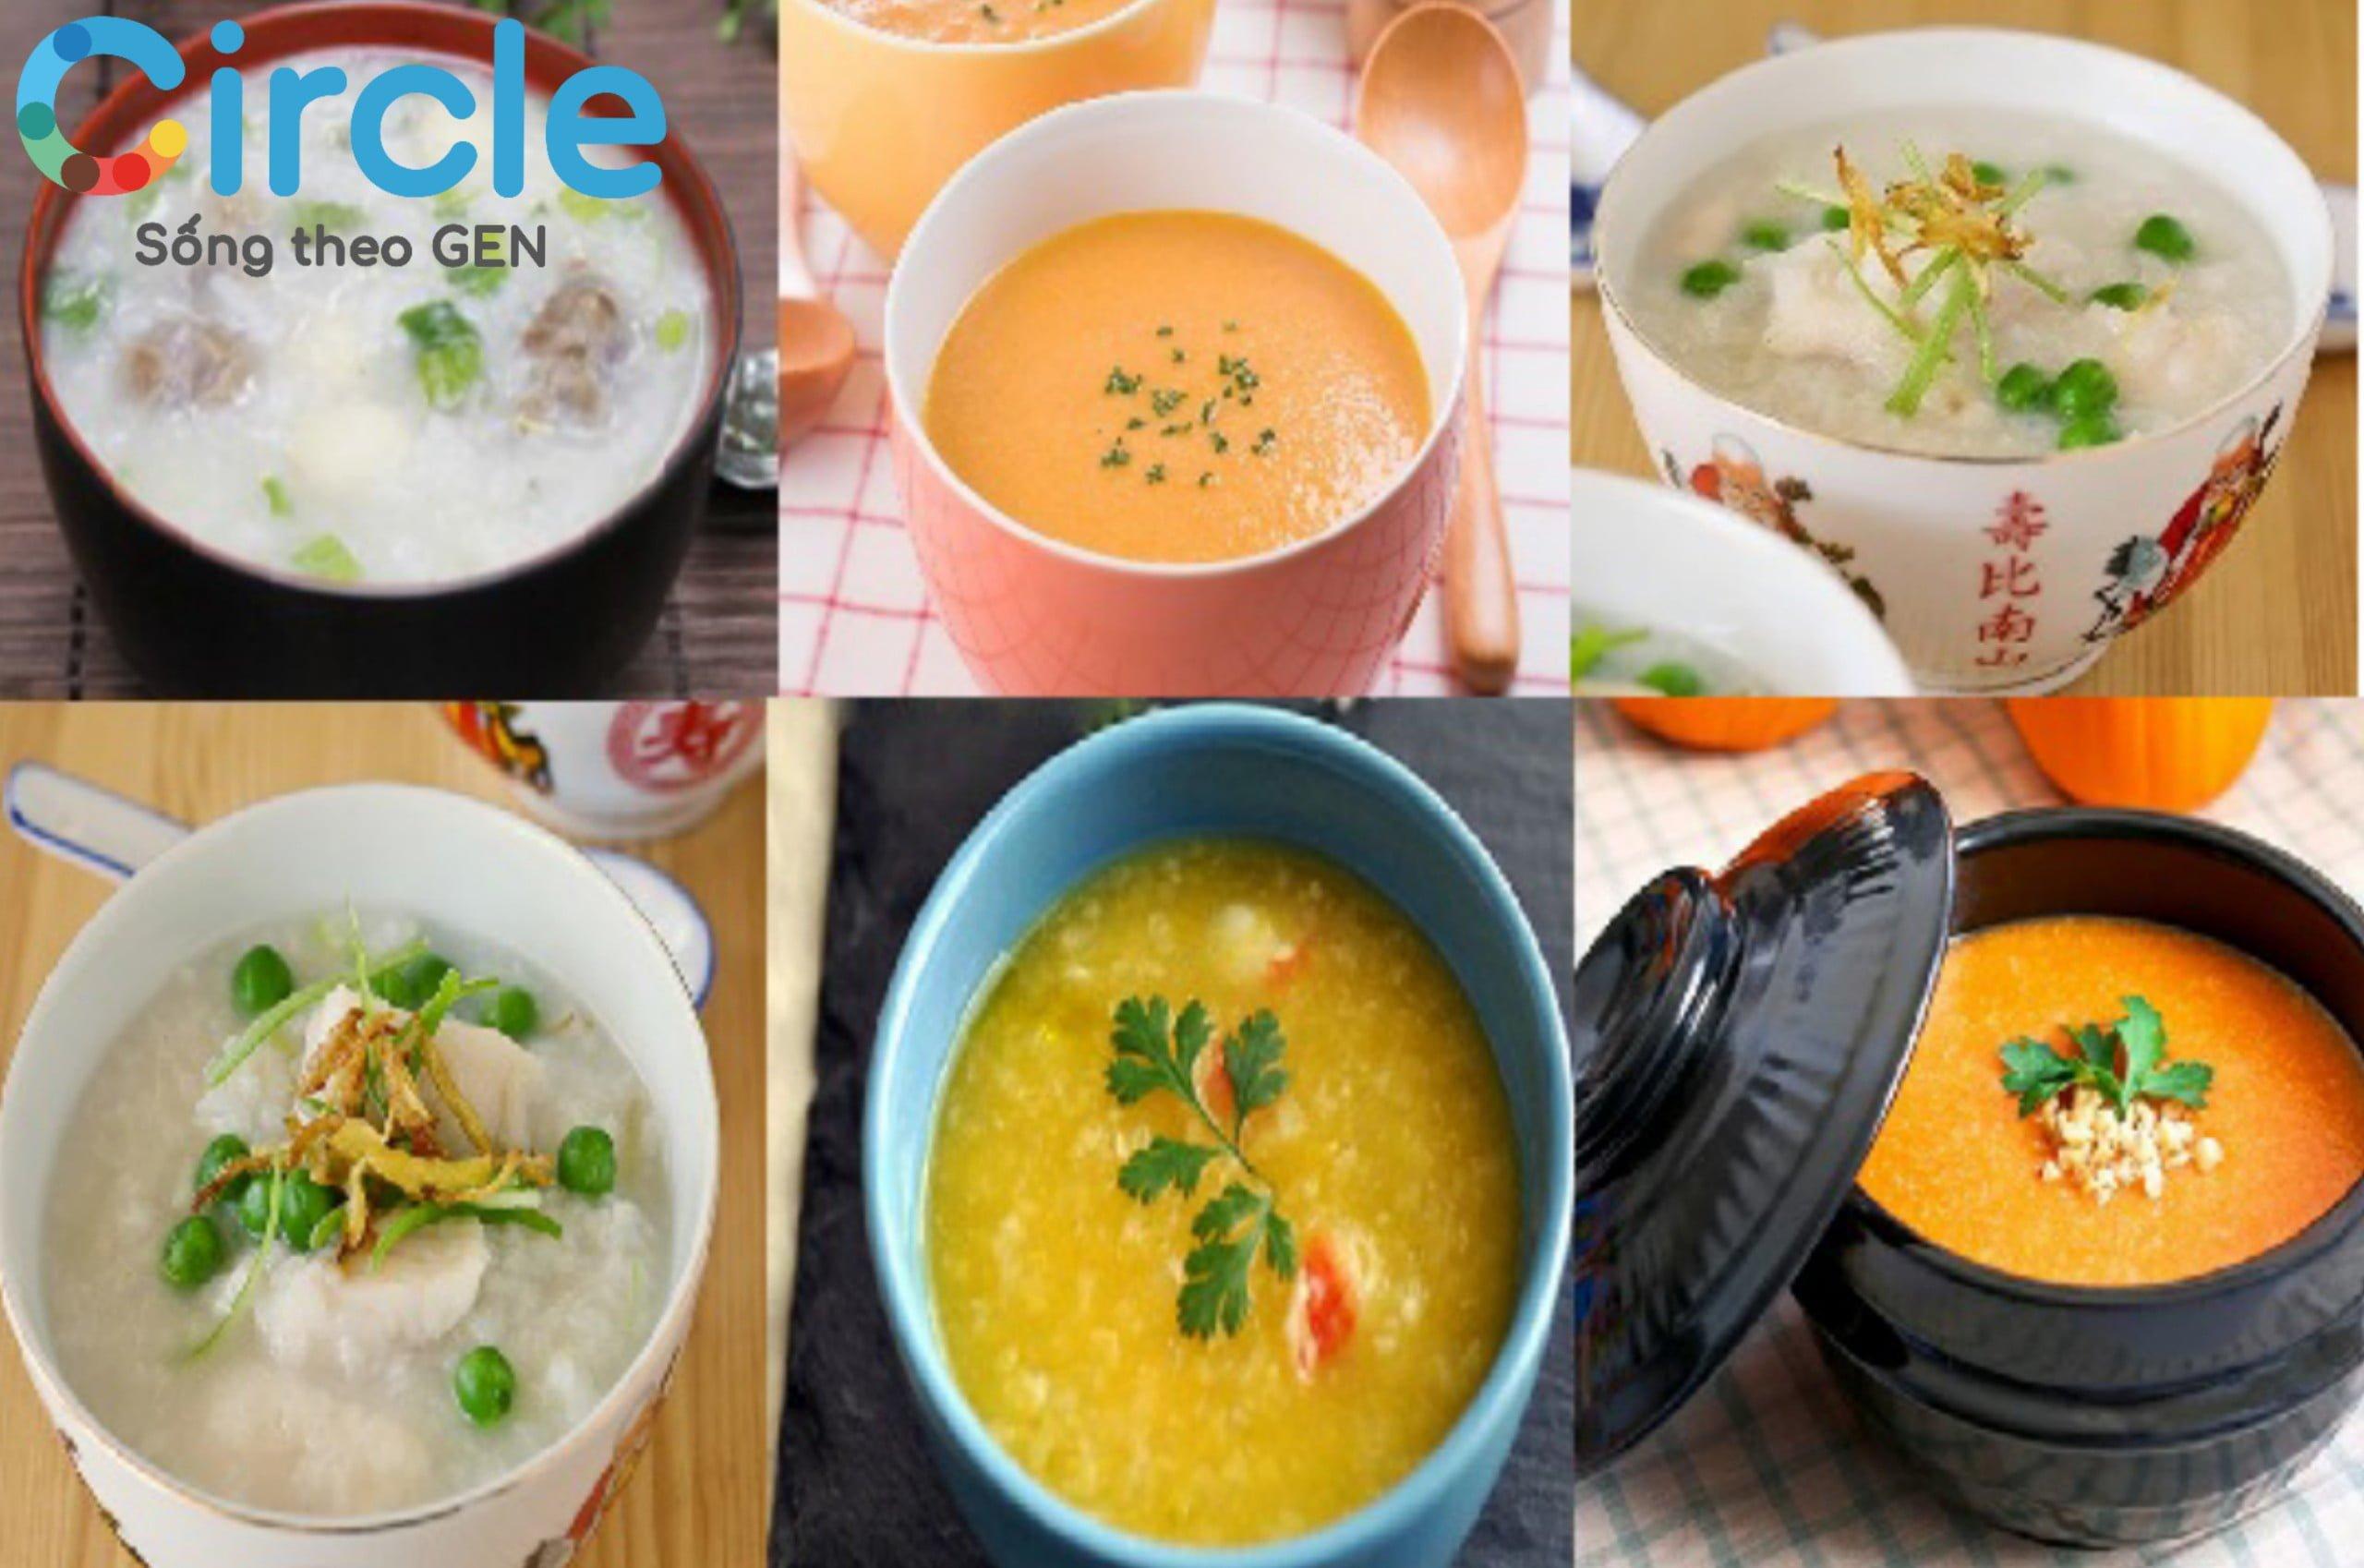 Cháo được nấu từ các loại ngũ cốc, các loại đậu và hạt. Đây là nguồn bổ sung dinh dưỡng rất tuyệt vời dành cho trẻ 7 tháng tuổi.